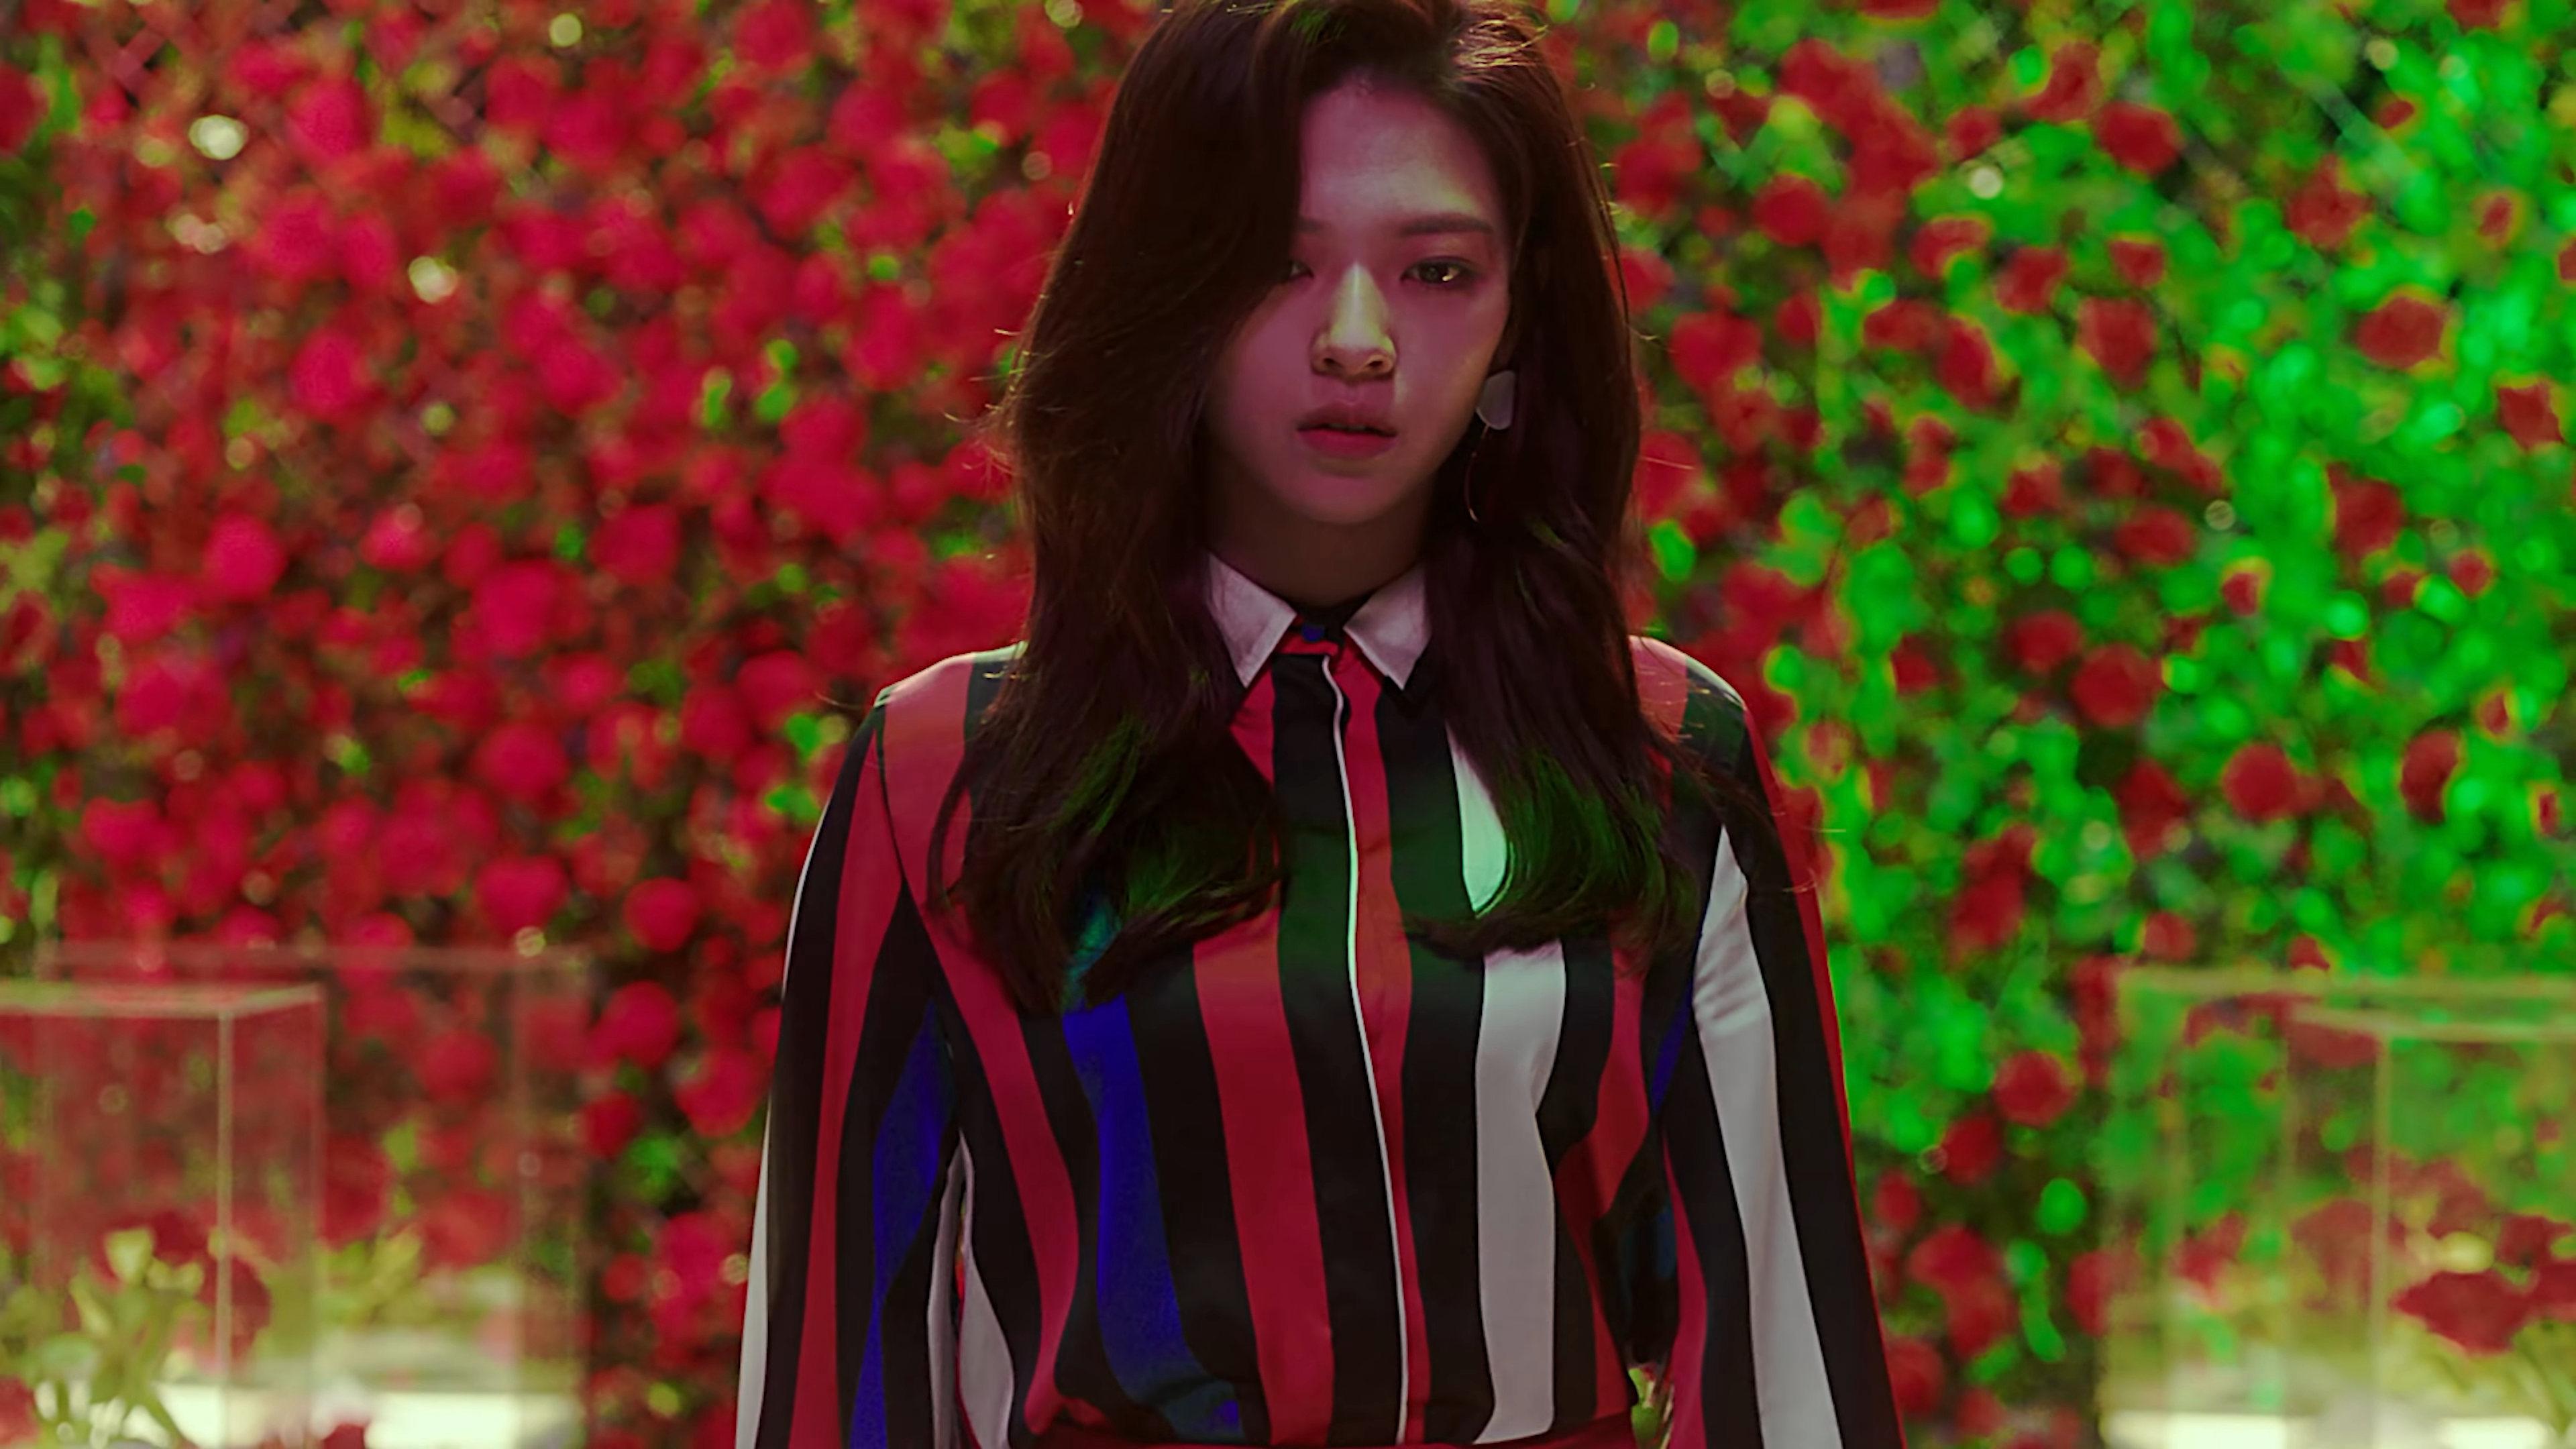 Twice Fancy Teaser Jeongyeon 4k Screencaps K Pop